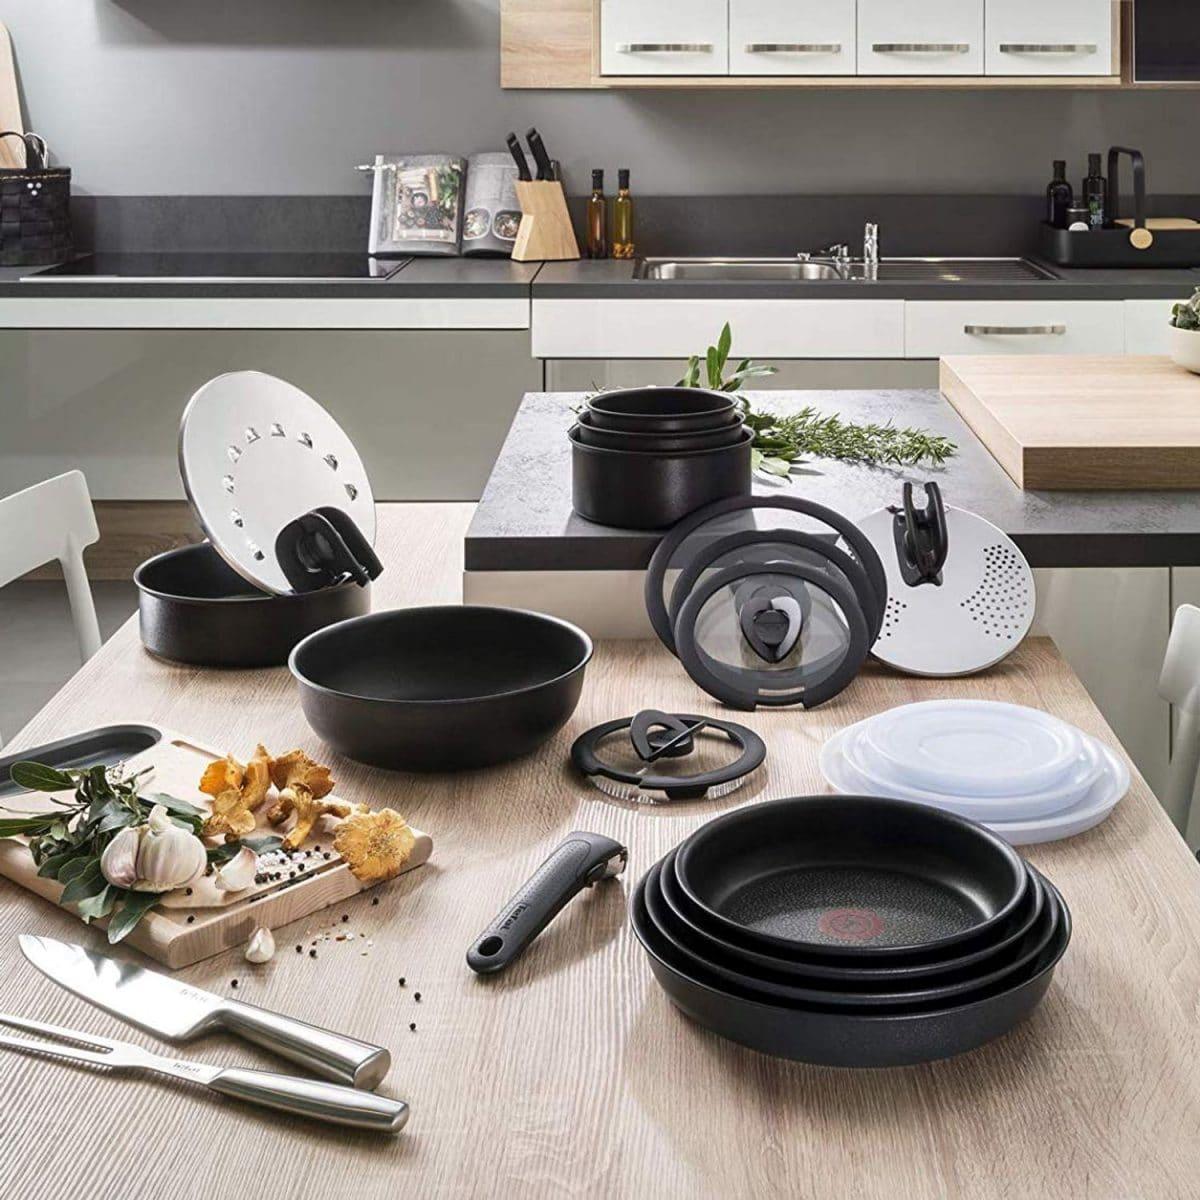 Astuce cuisine : Les appareils qu'il faut avoir dans sa cuisine cet automne !